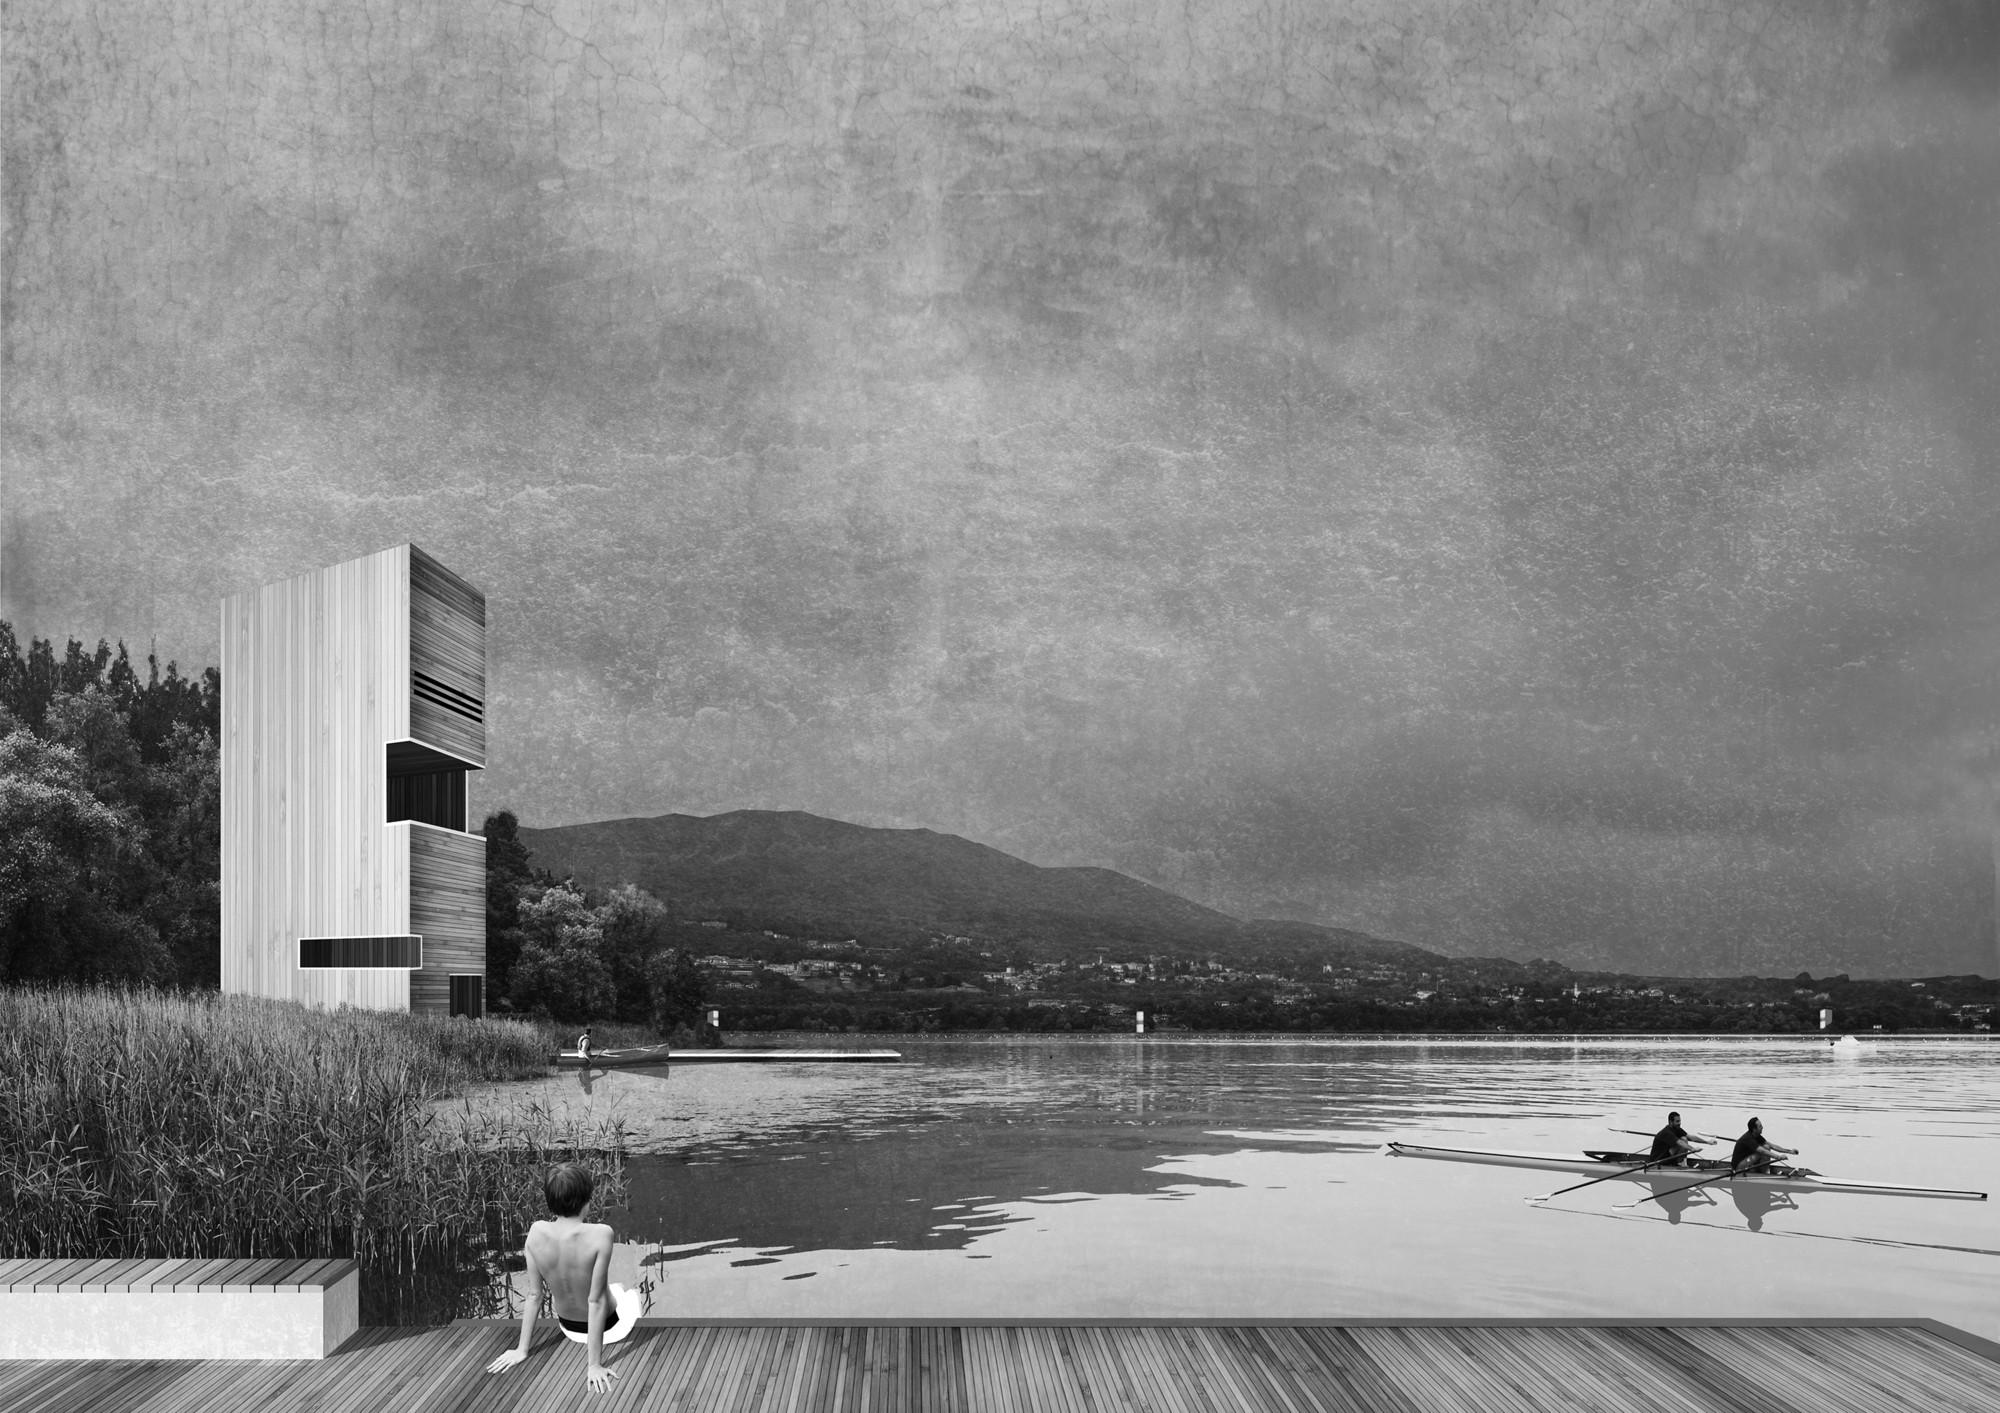 Primer Lugar en Concurso de diseño de infraestructura pública para el lago de Varese / Italia, Courtesy of MILK TRAIN